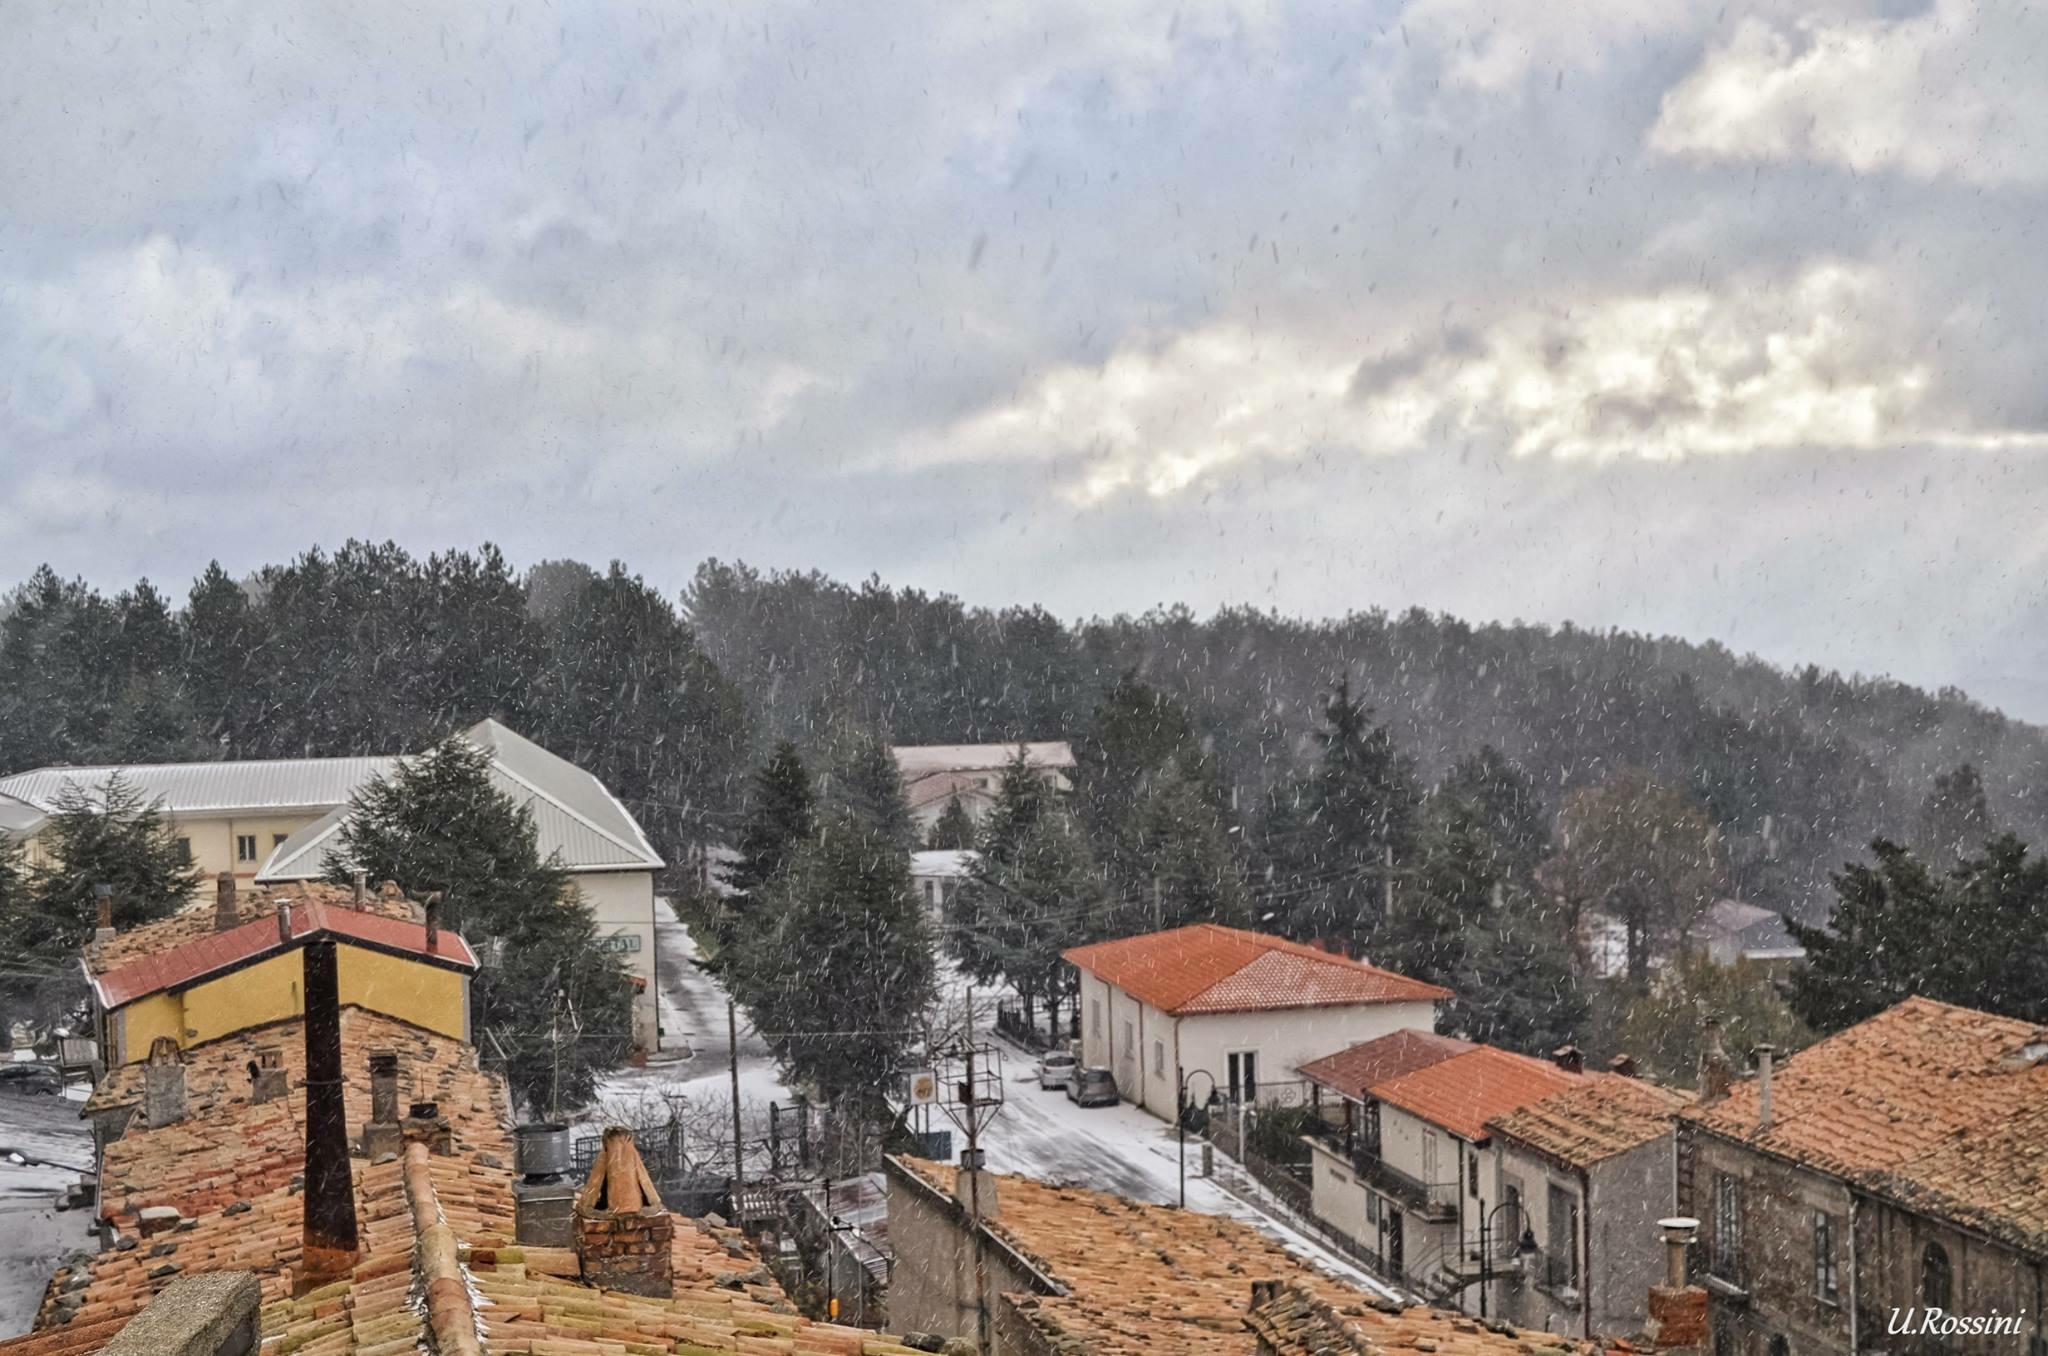 Meteo Calabria mercoledì e giovedì: un pò d'instabilità ma migliora velocamente...